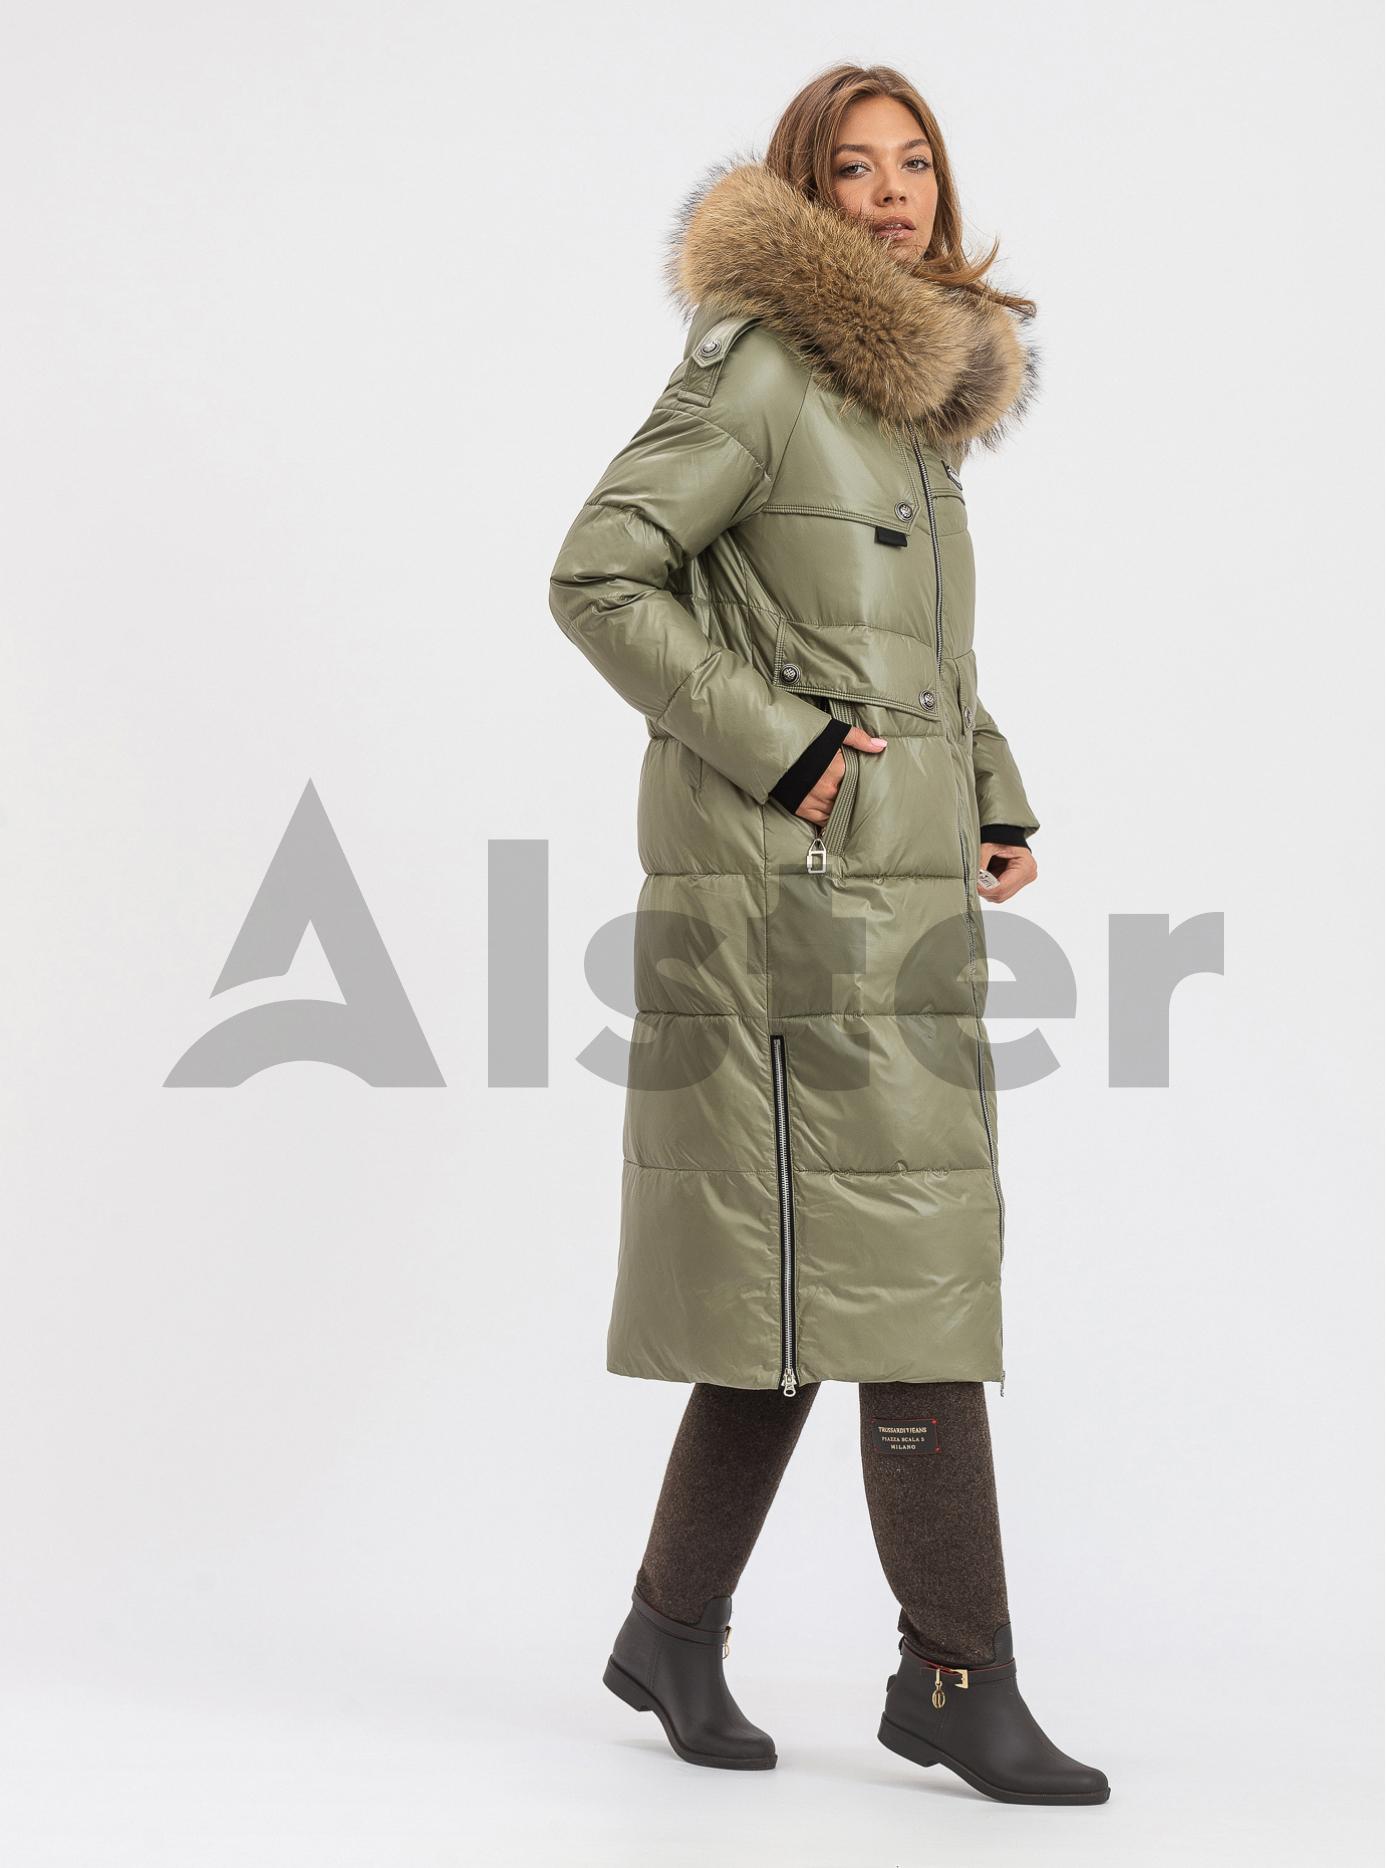 Пуховик жіночий довгий з капюшоном Vo-Tarun Сіро-зелений M (VT022-840-01): фото - Alster.ua